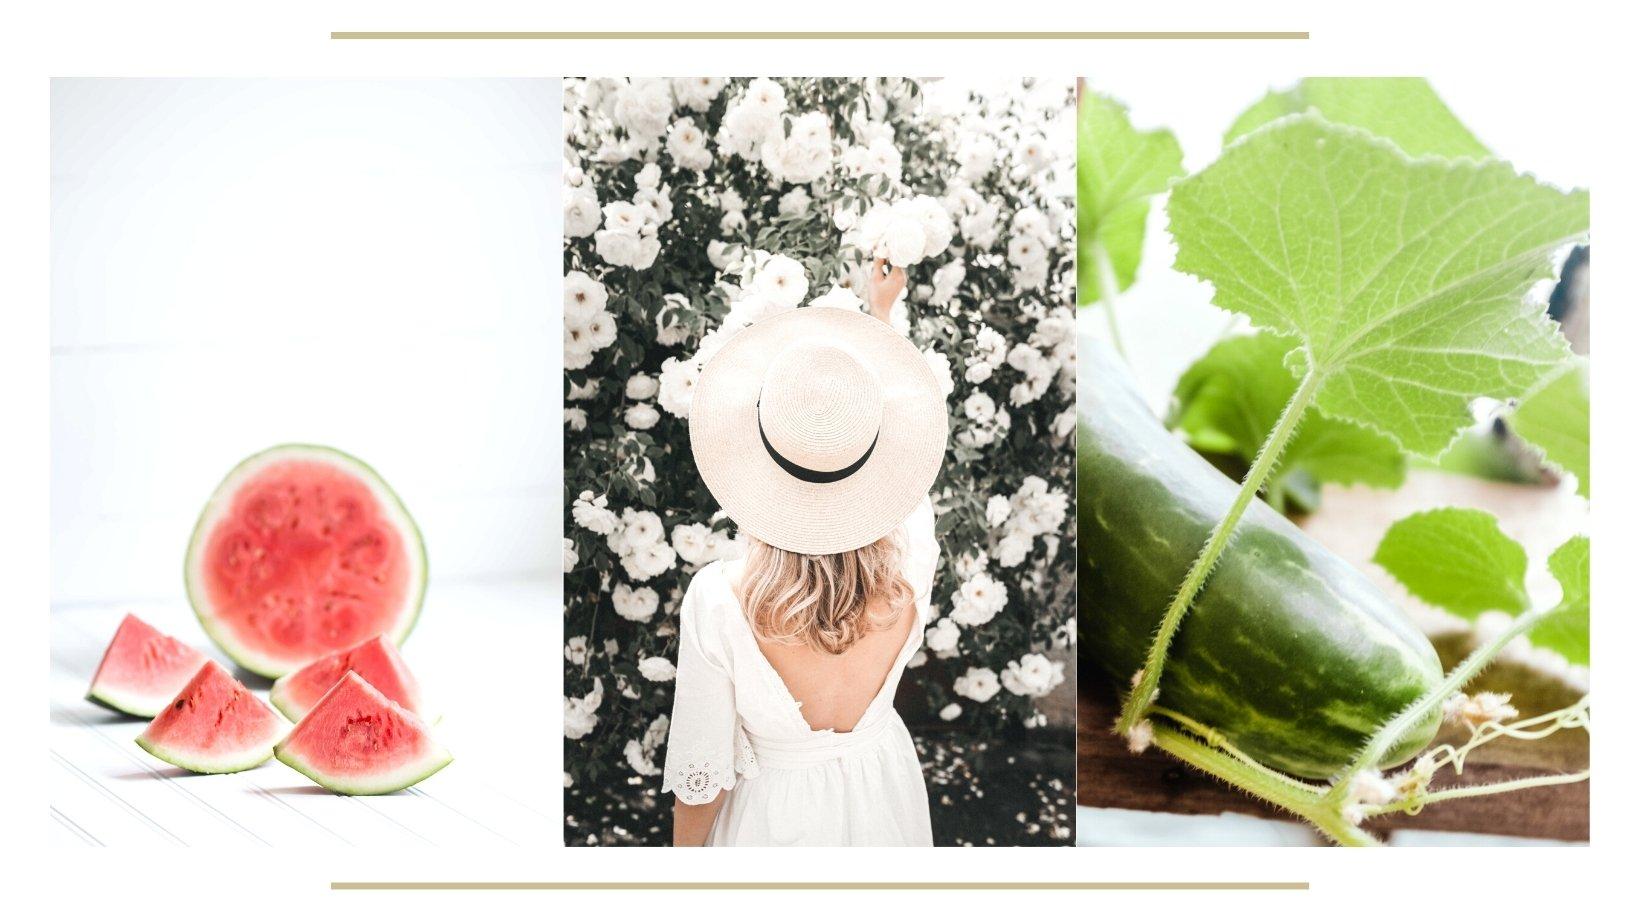 Frutas y verduras de temporada en julio portada